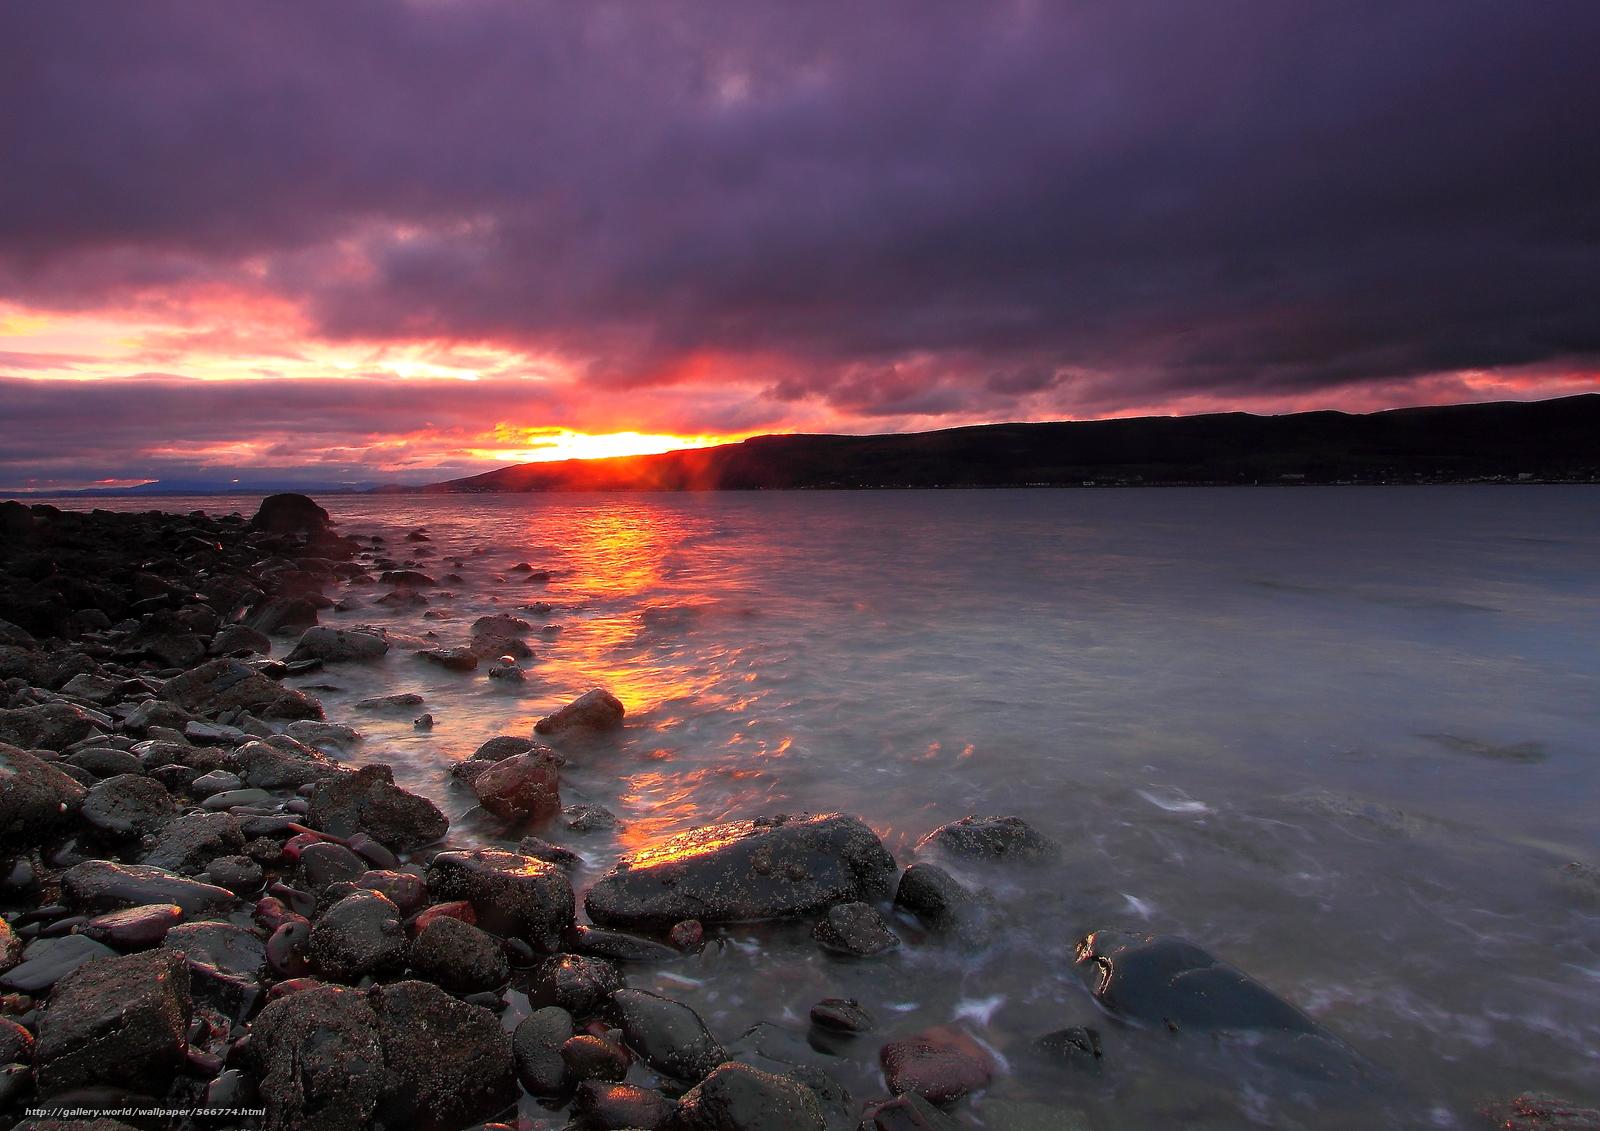 下载壁纸 日落,  湖,  岸,  石头 免费为您的桌面分辨率的壁纸 3562x2519 — 图片 №566774